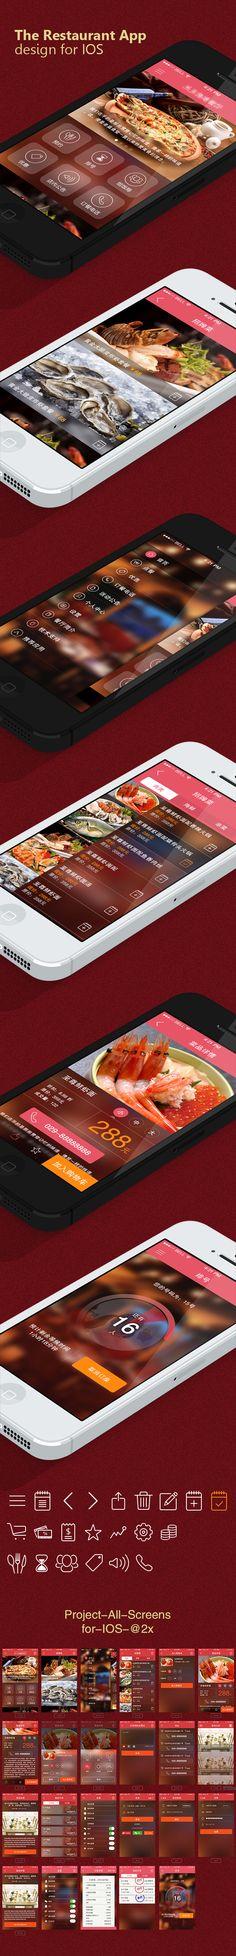 The Restaurant App Design by Streetevens, via Behance